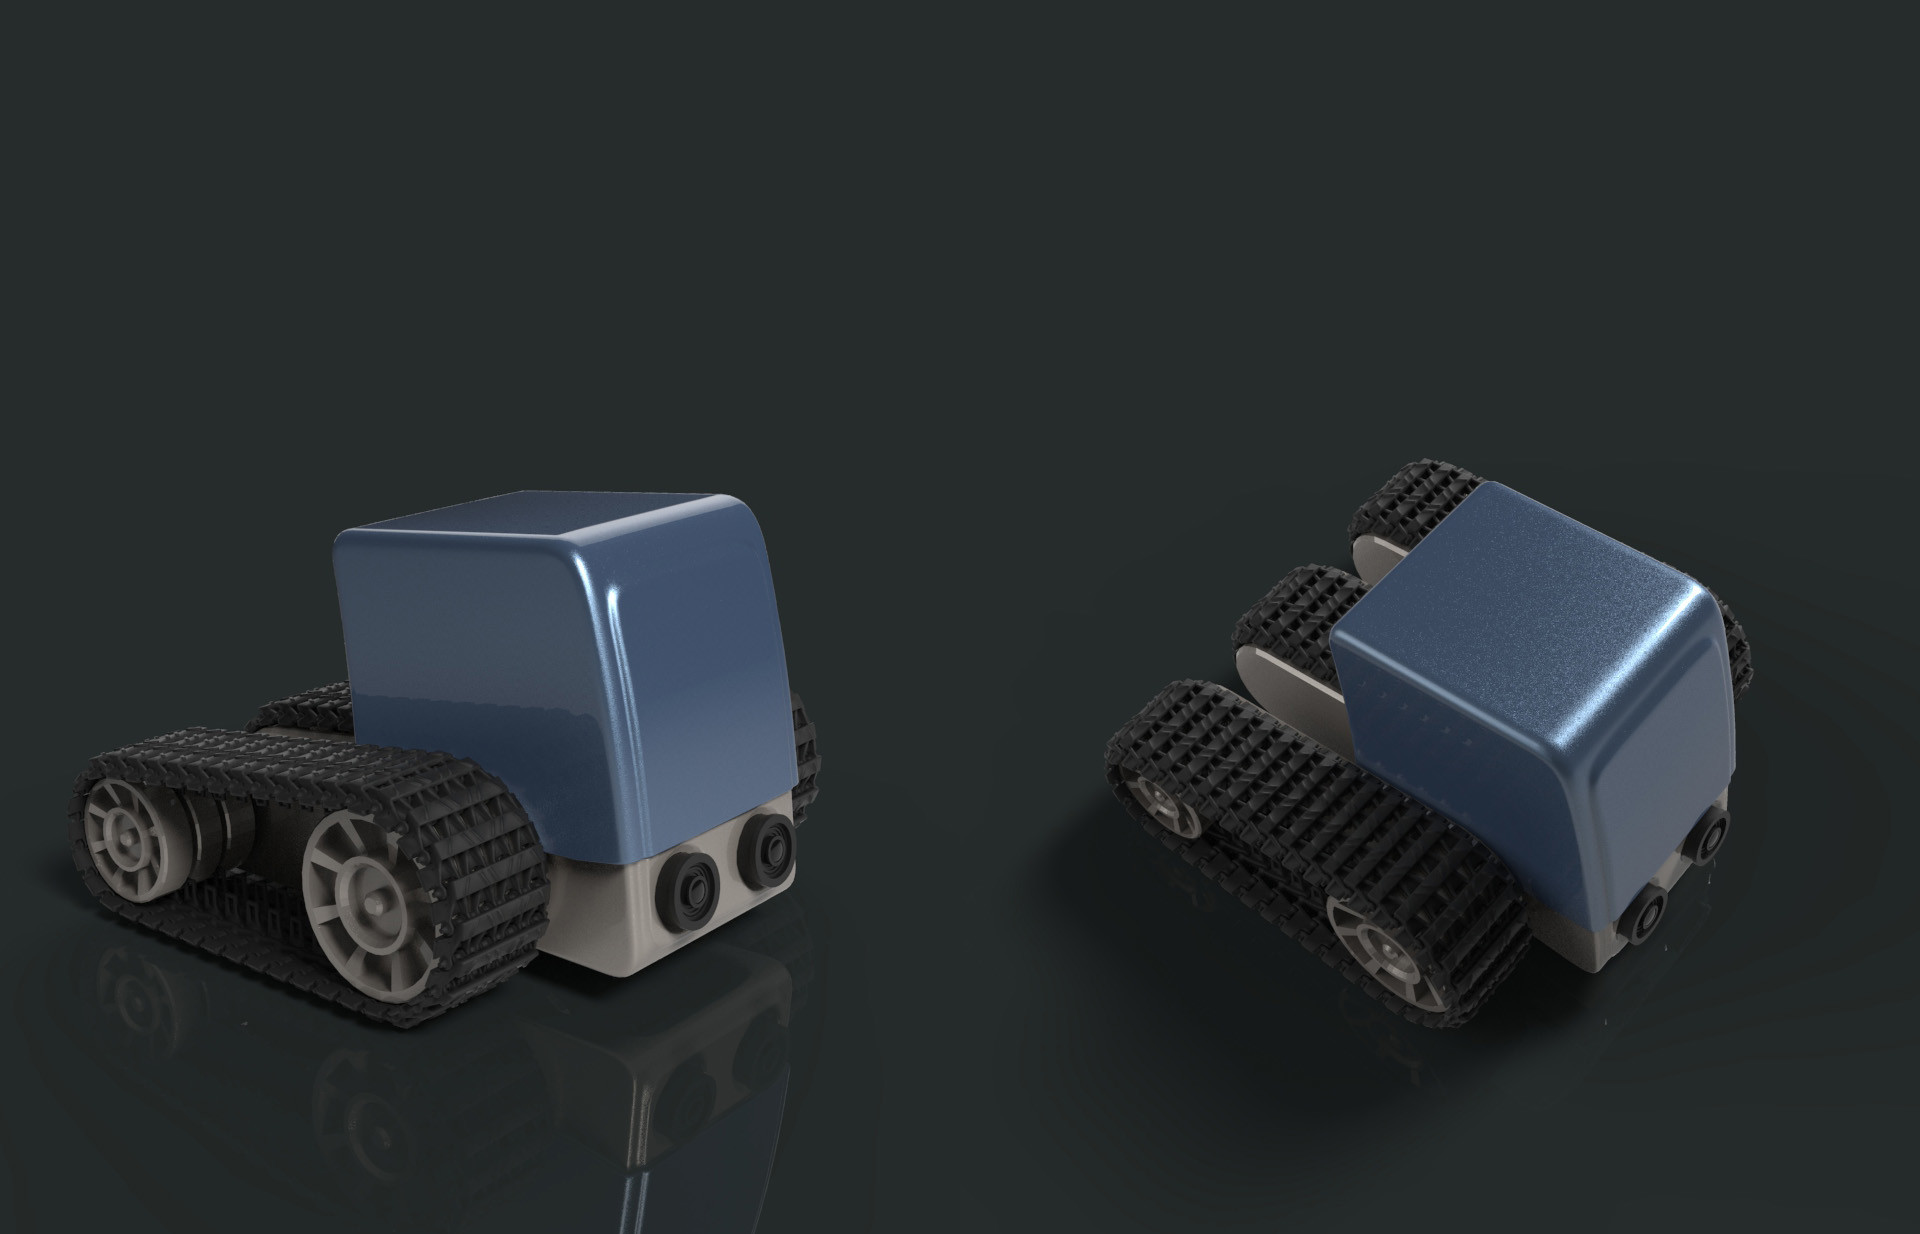 Dirk wachsmuth 03 babybot refined render pose3